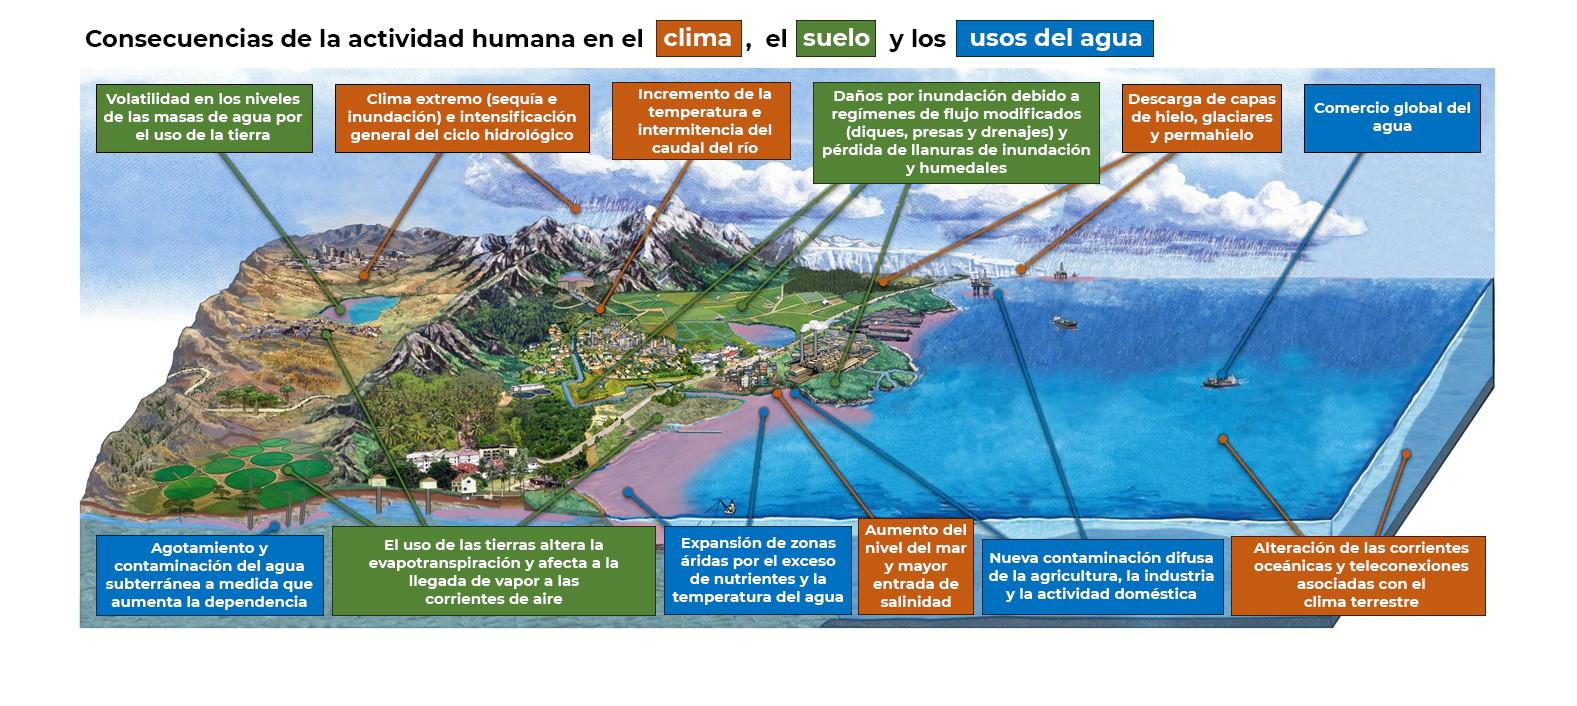 Consecuencias de la actividad humana en el clima, el suelo y los usos del agua